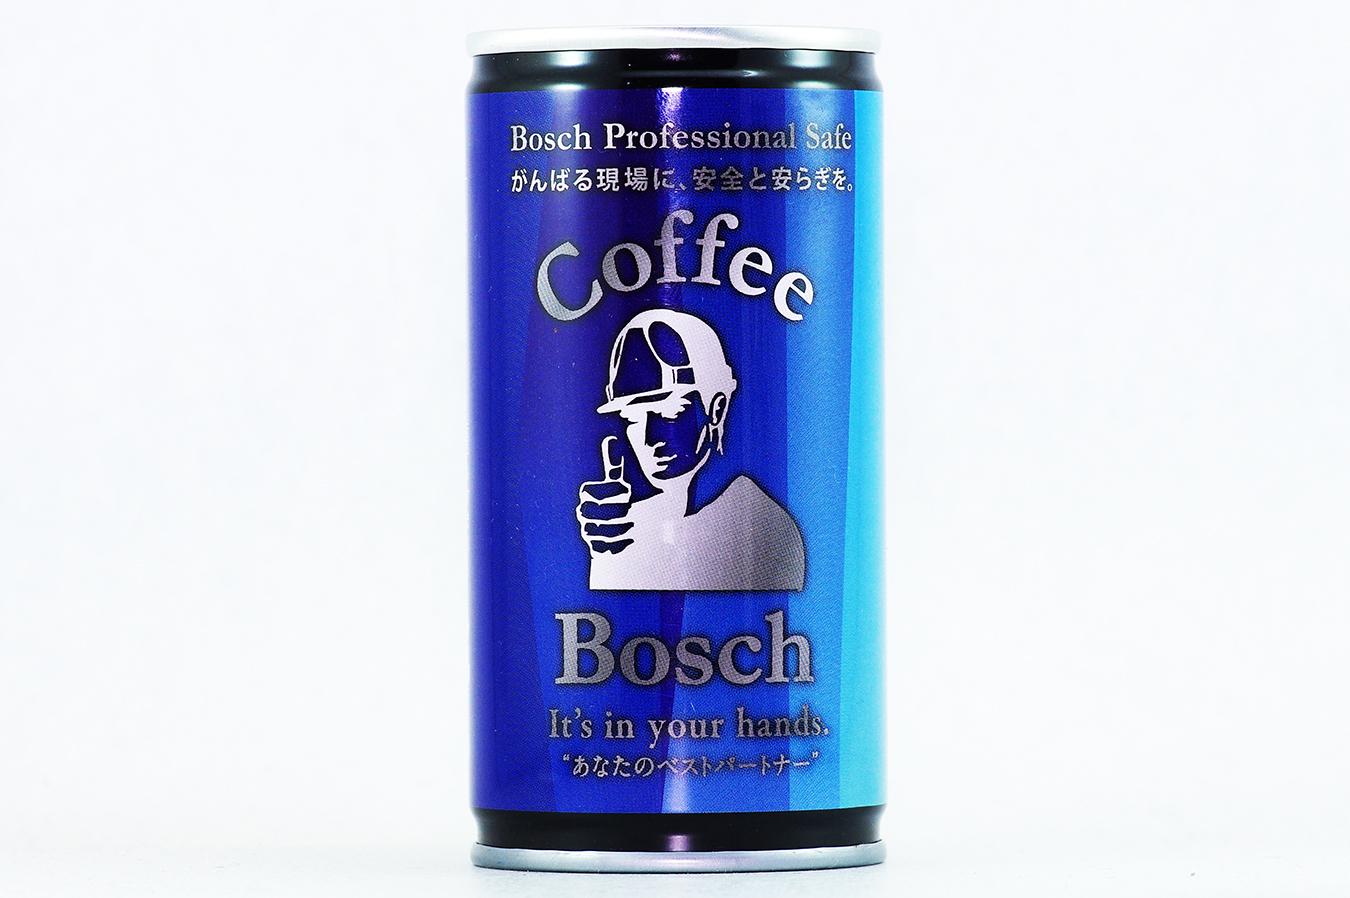 コーヒー ボッシュ [微糖] 1 2018年8月